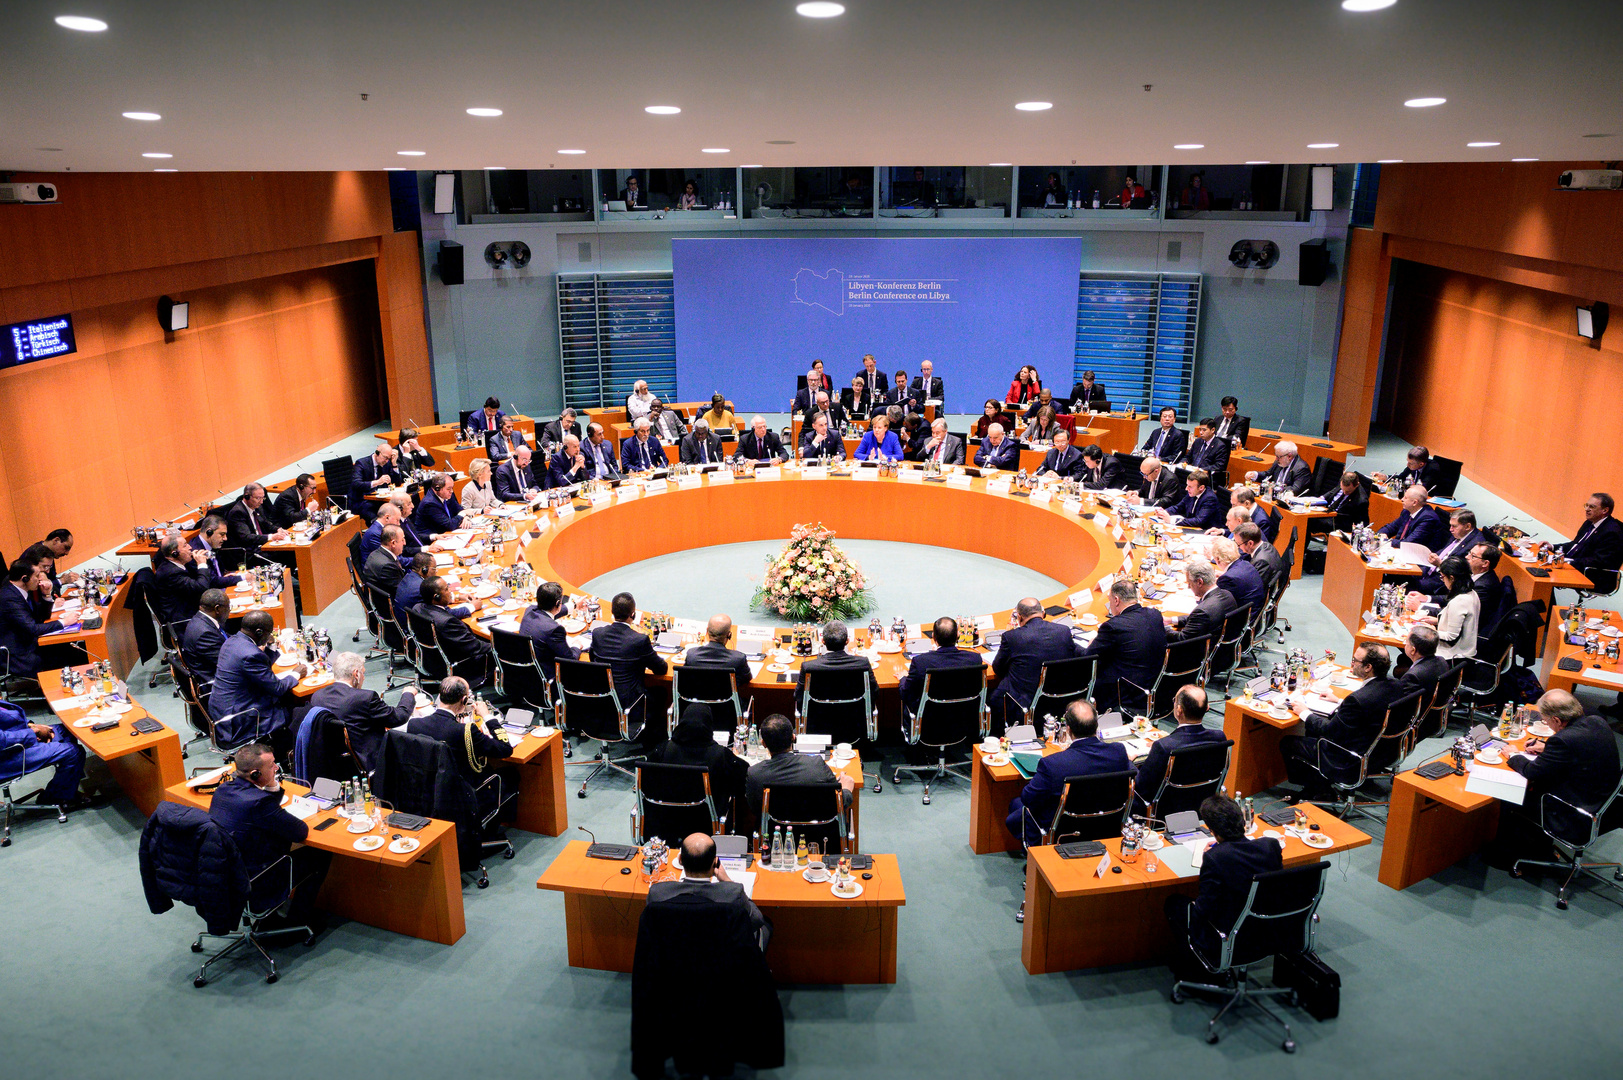 مؤتمر برلين حول ليبيا (19 يناير 2019).